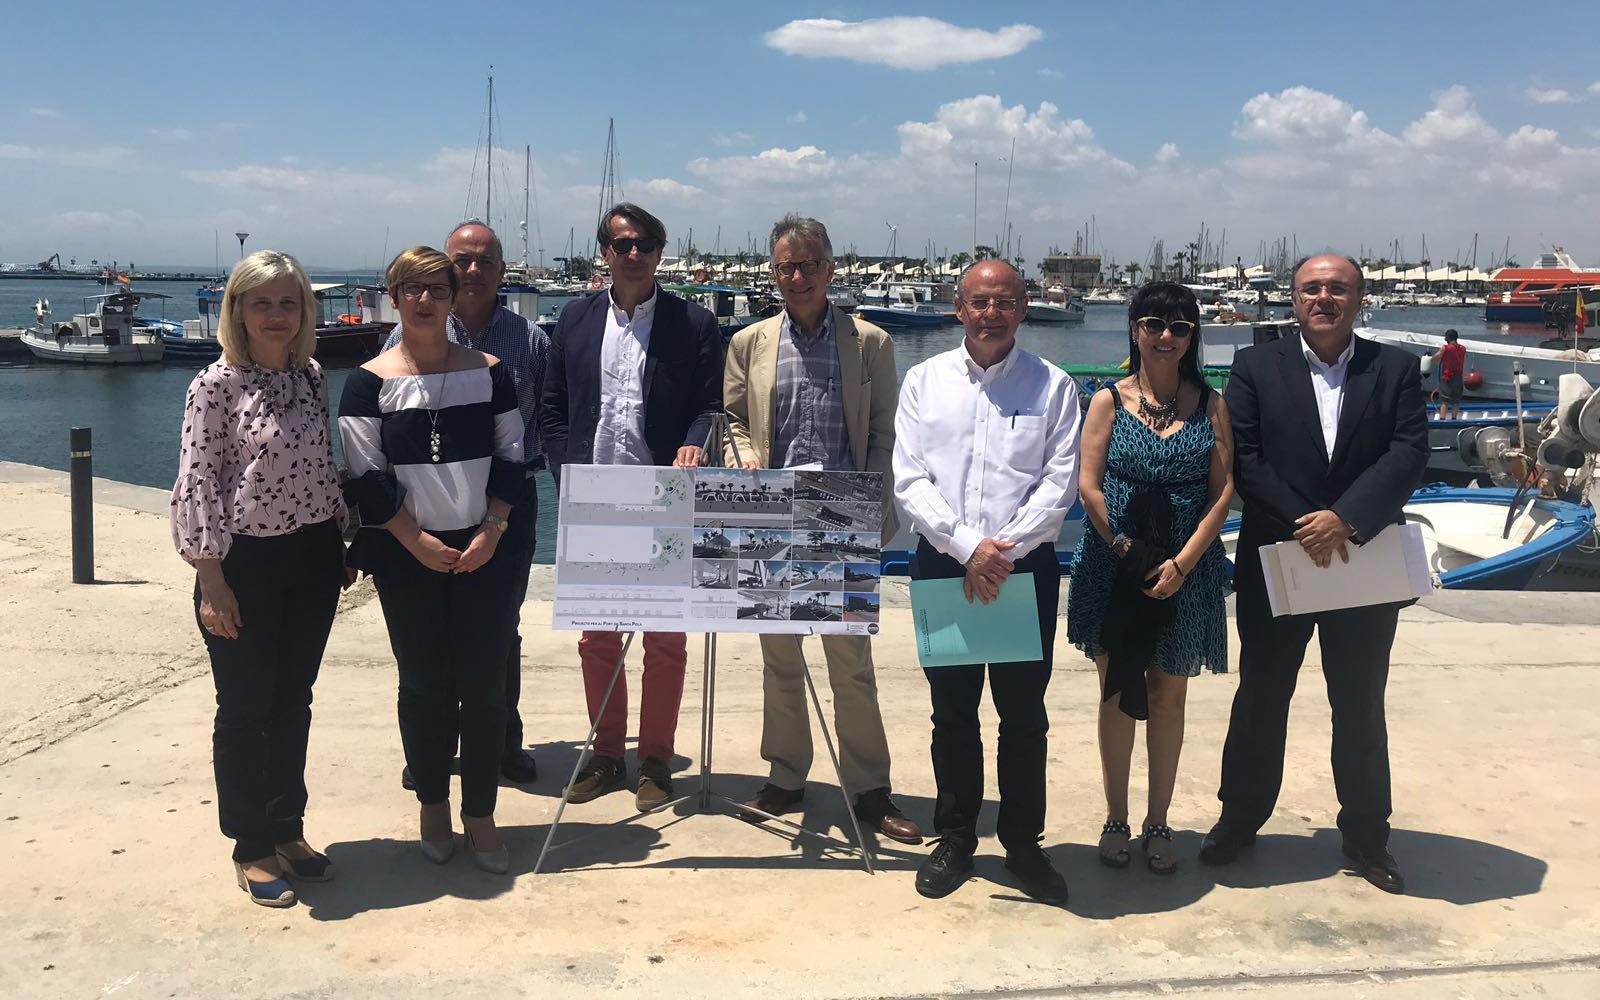 La Consellería de Vivienda, Obras Públicas y Vertebración del Territorio ha constituido el 'Espai Port Ciutat' de Santa Pola